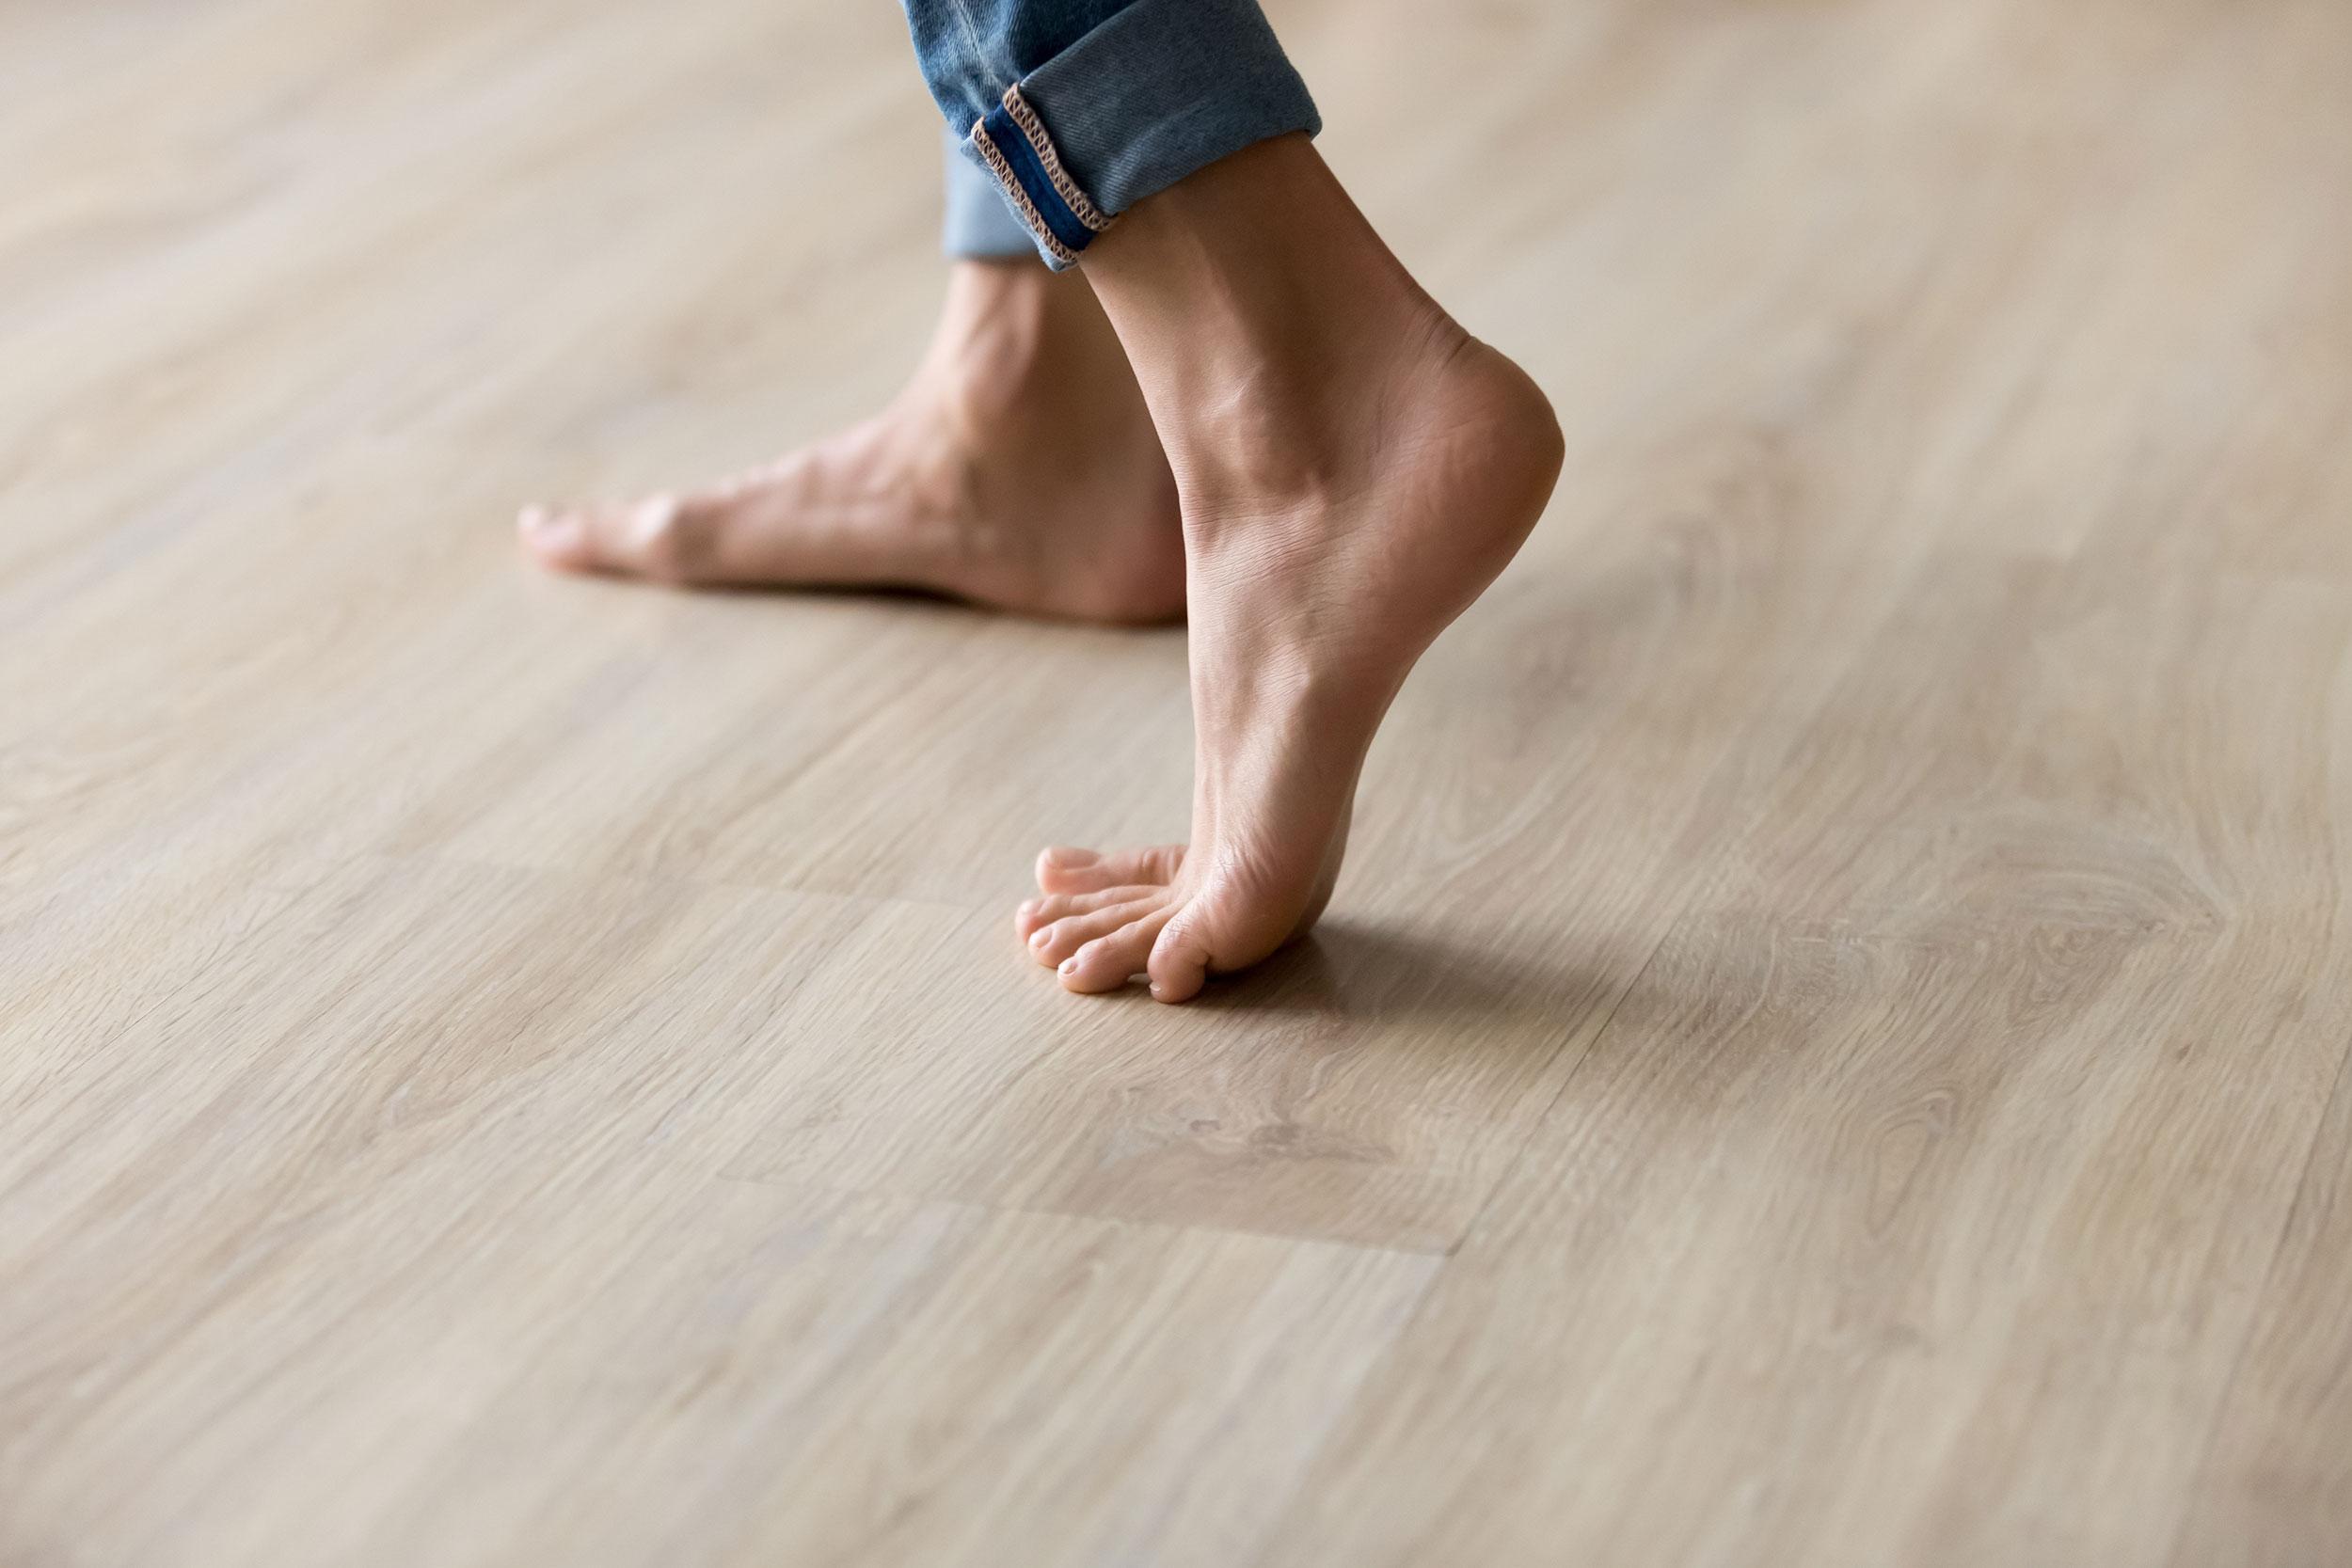 foot health steps diabetes